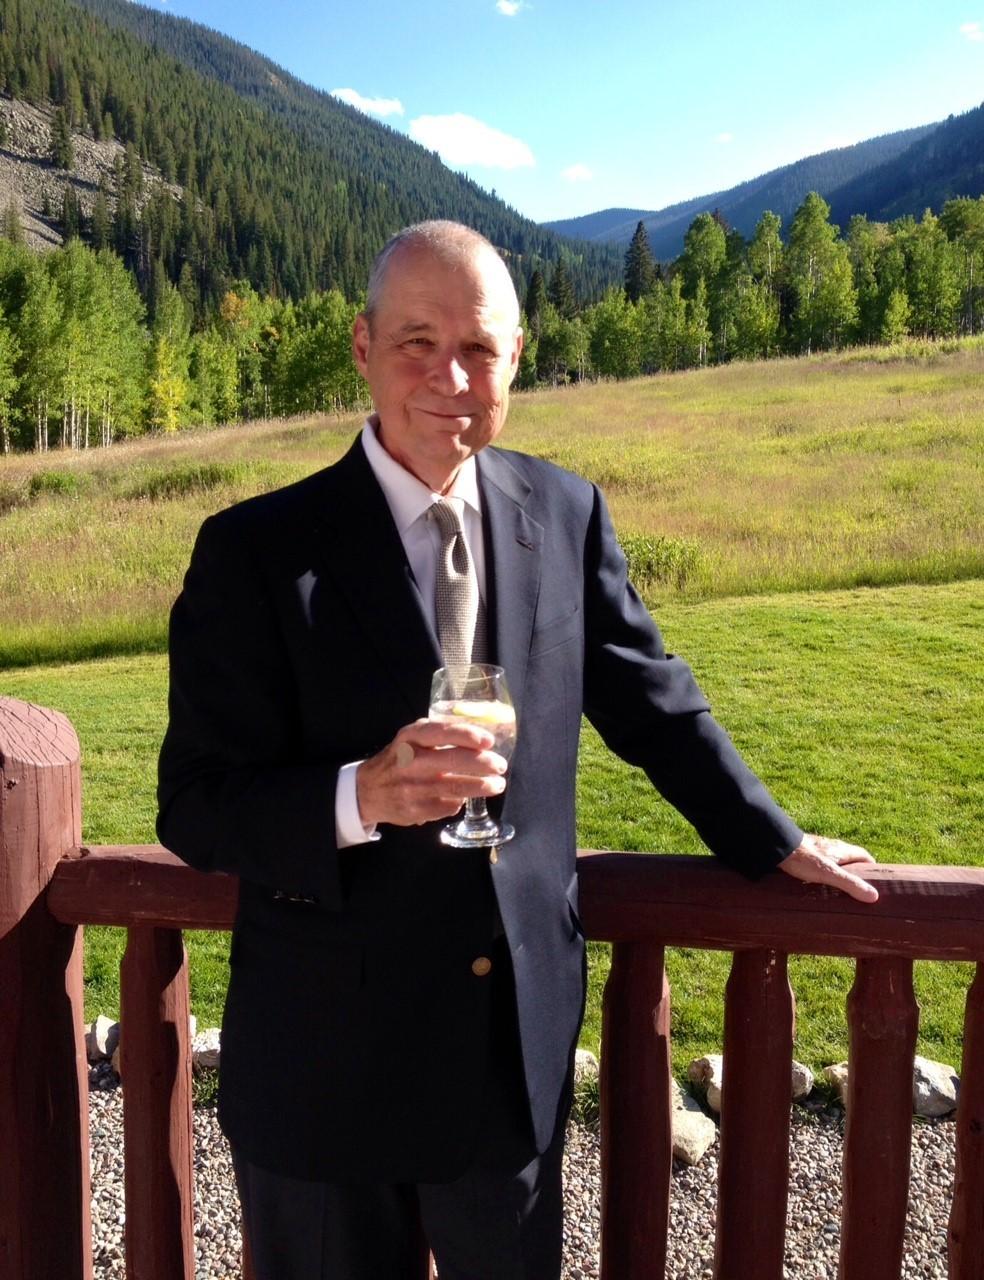 Joseph W. Reynolds